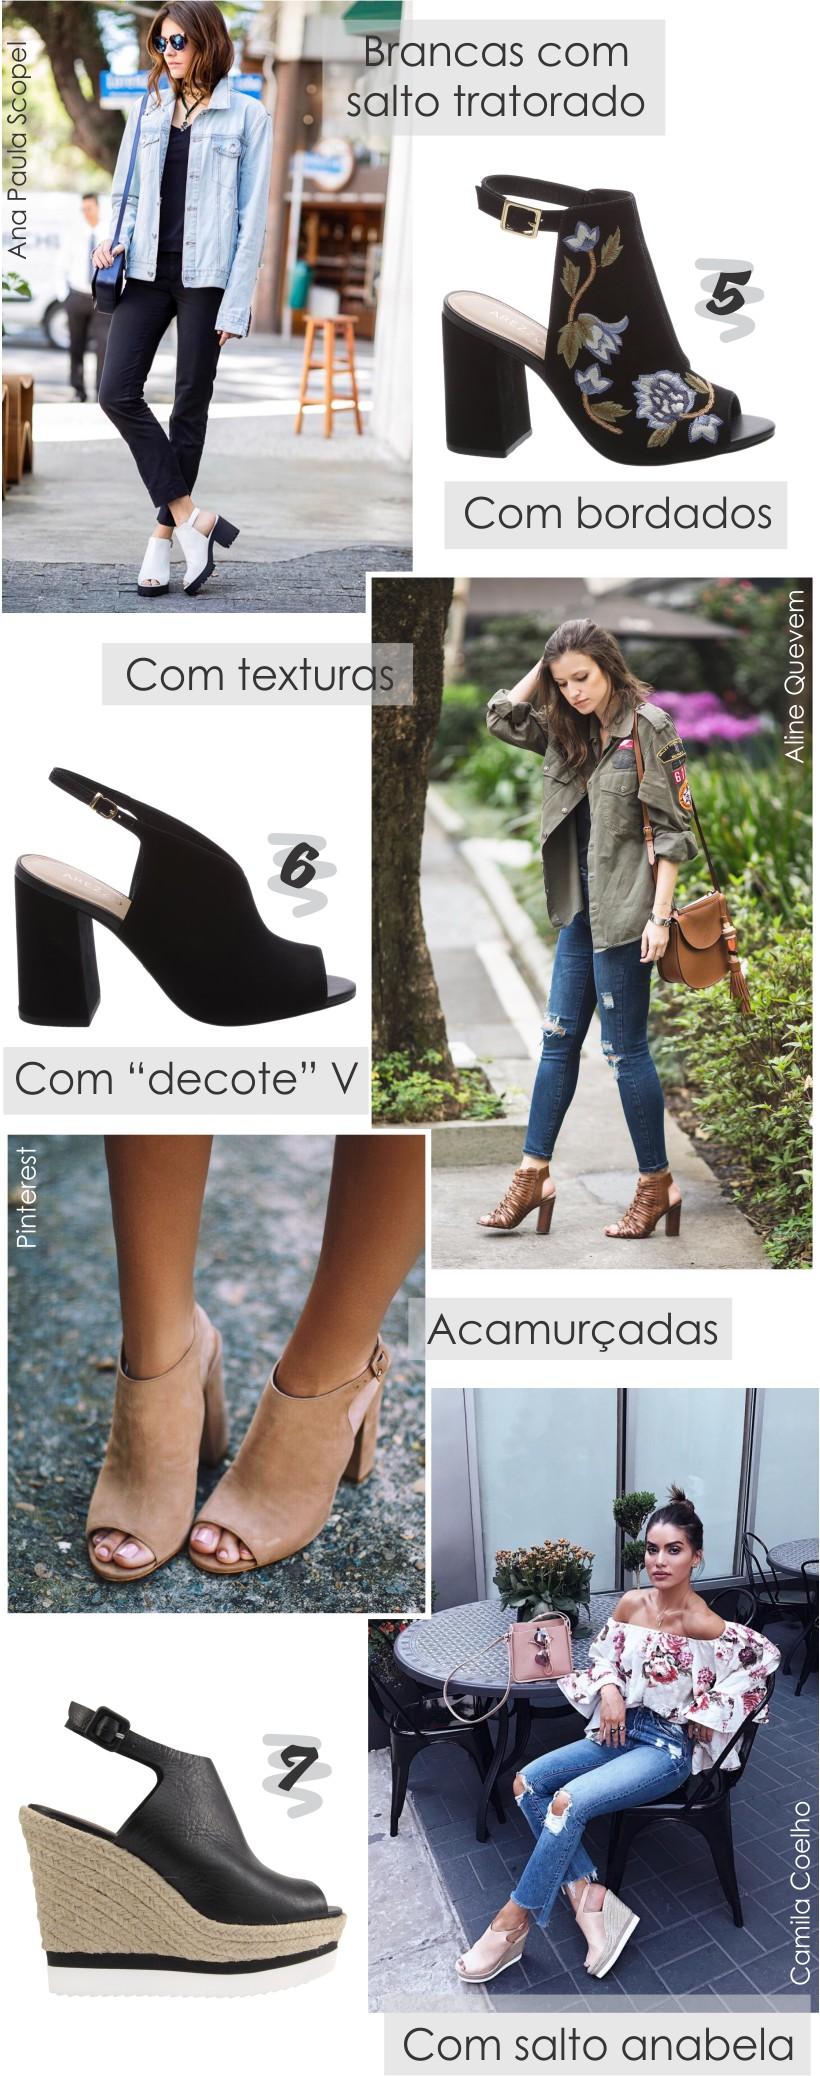 sandal boot tendencia verão 2018